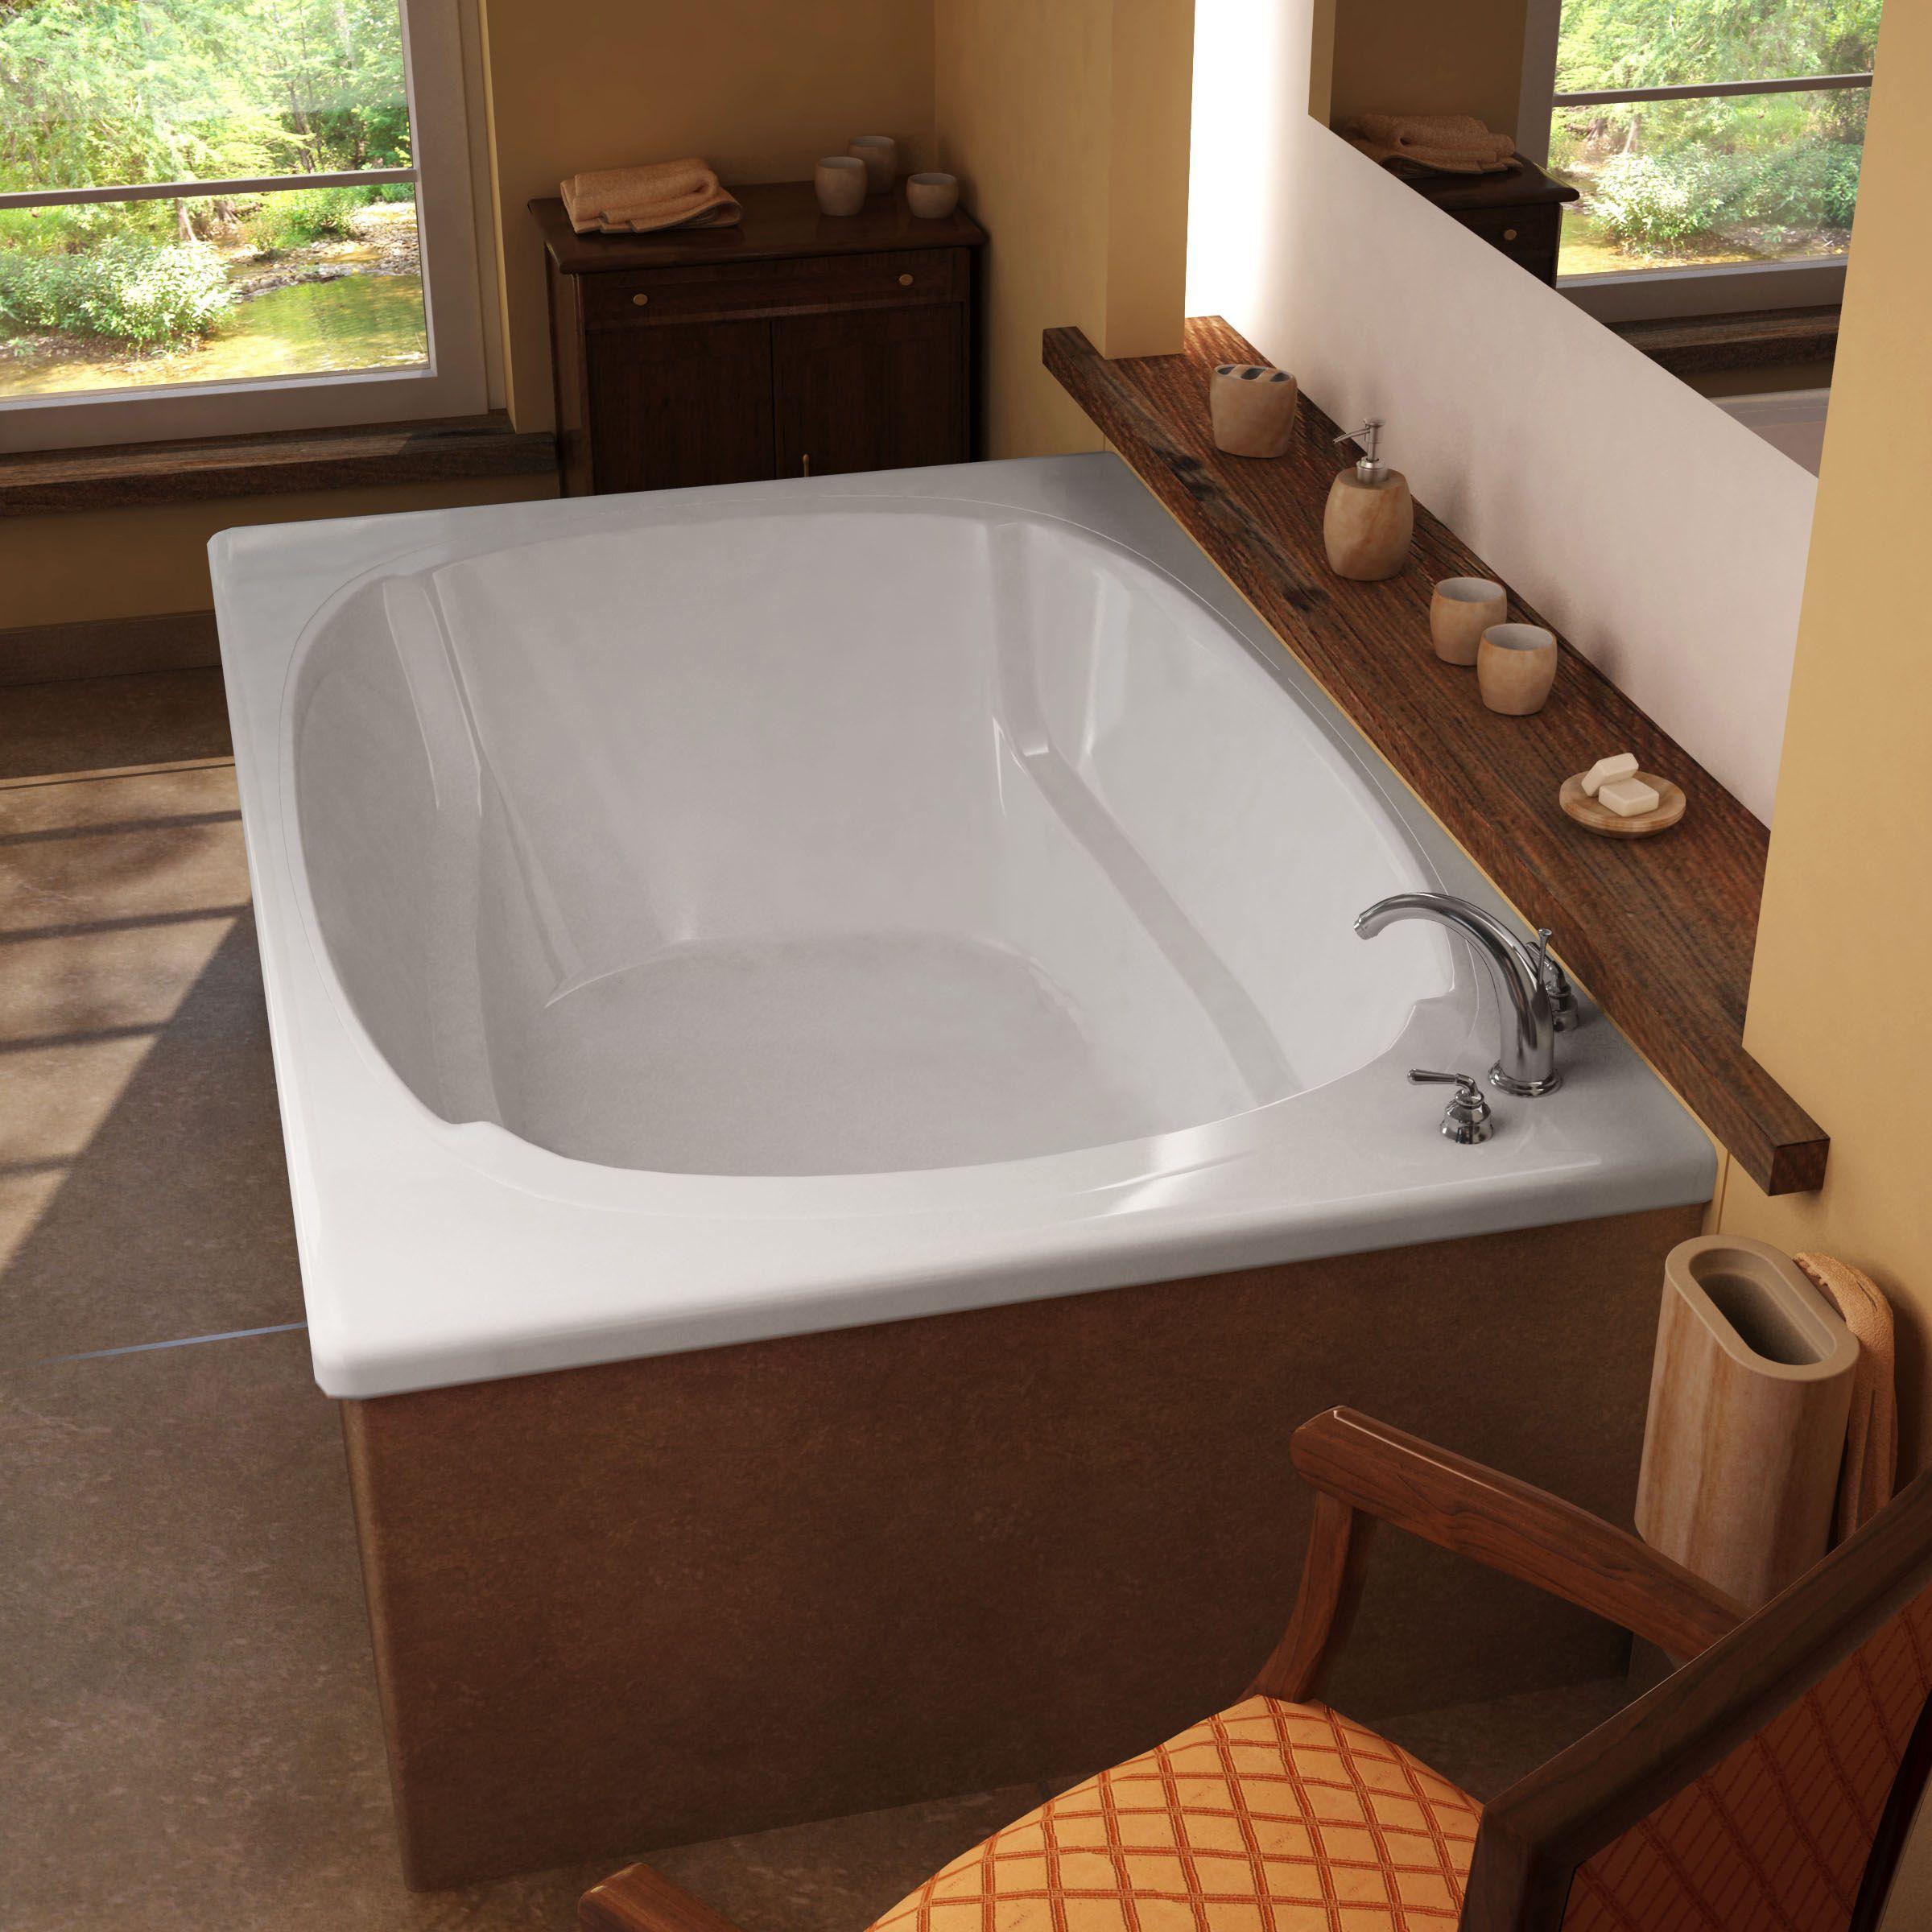 Mountain Home Summit 48 in. x 72 in. Acrylic Soaking Drop-in Bathtub ...